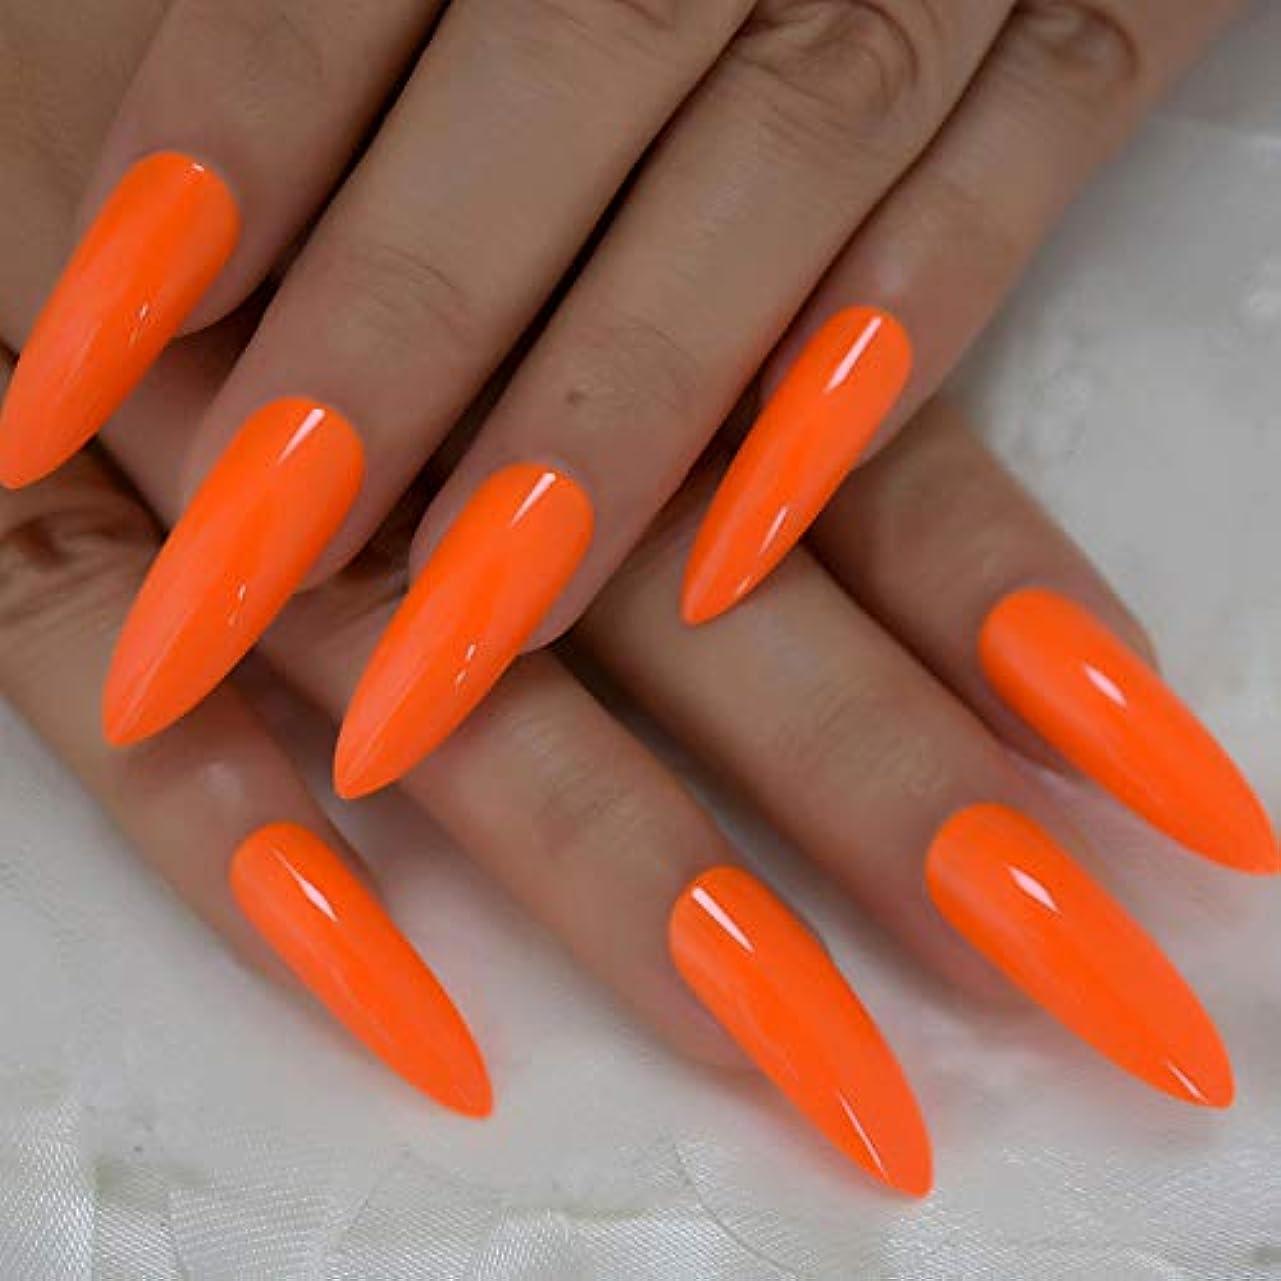 バッフル自己尊重病なXUTXZKA 偽の爪長く明るいオレンジ色の装飾マニキュアのヒント